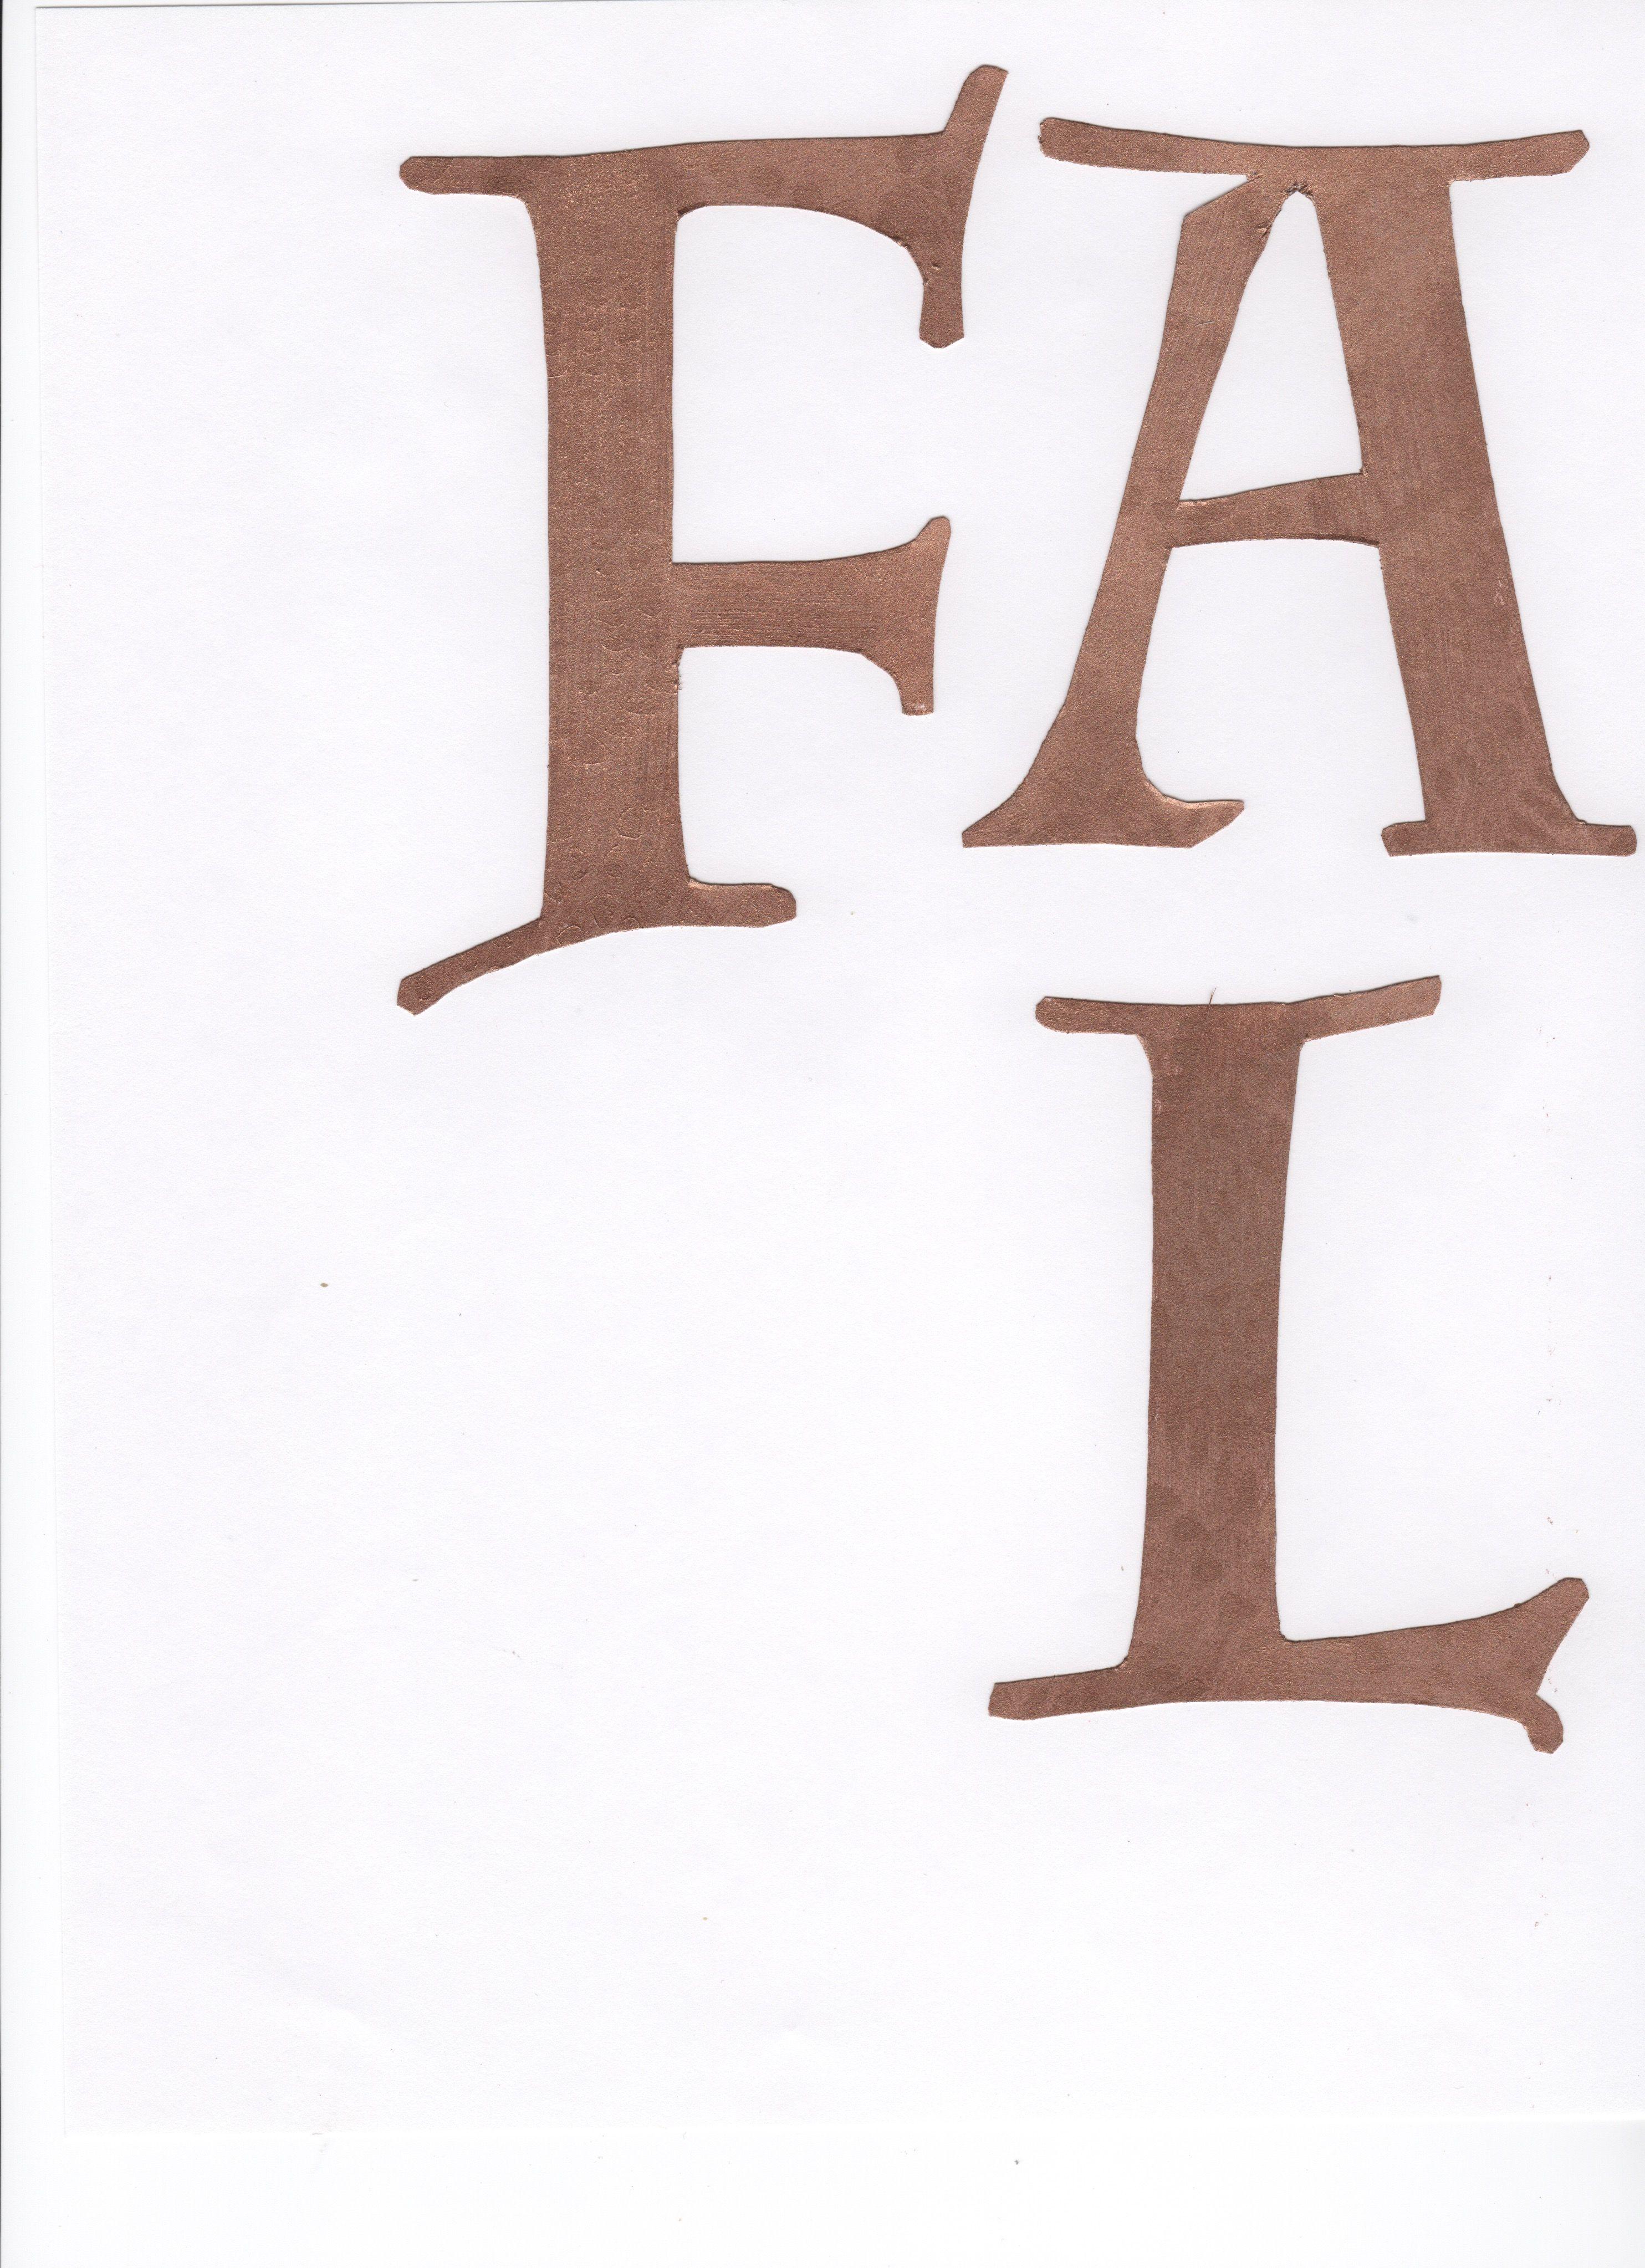 Fall-Letters-in-Copper.jpeg 2,968×4,092 pixels